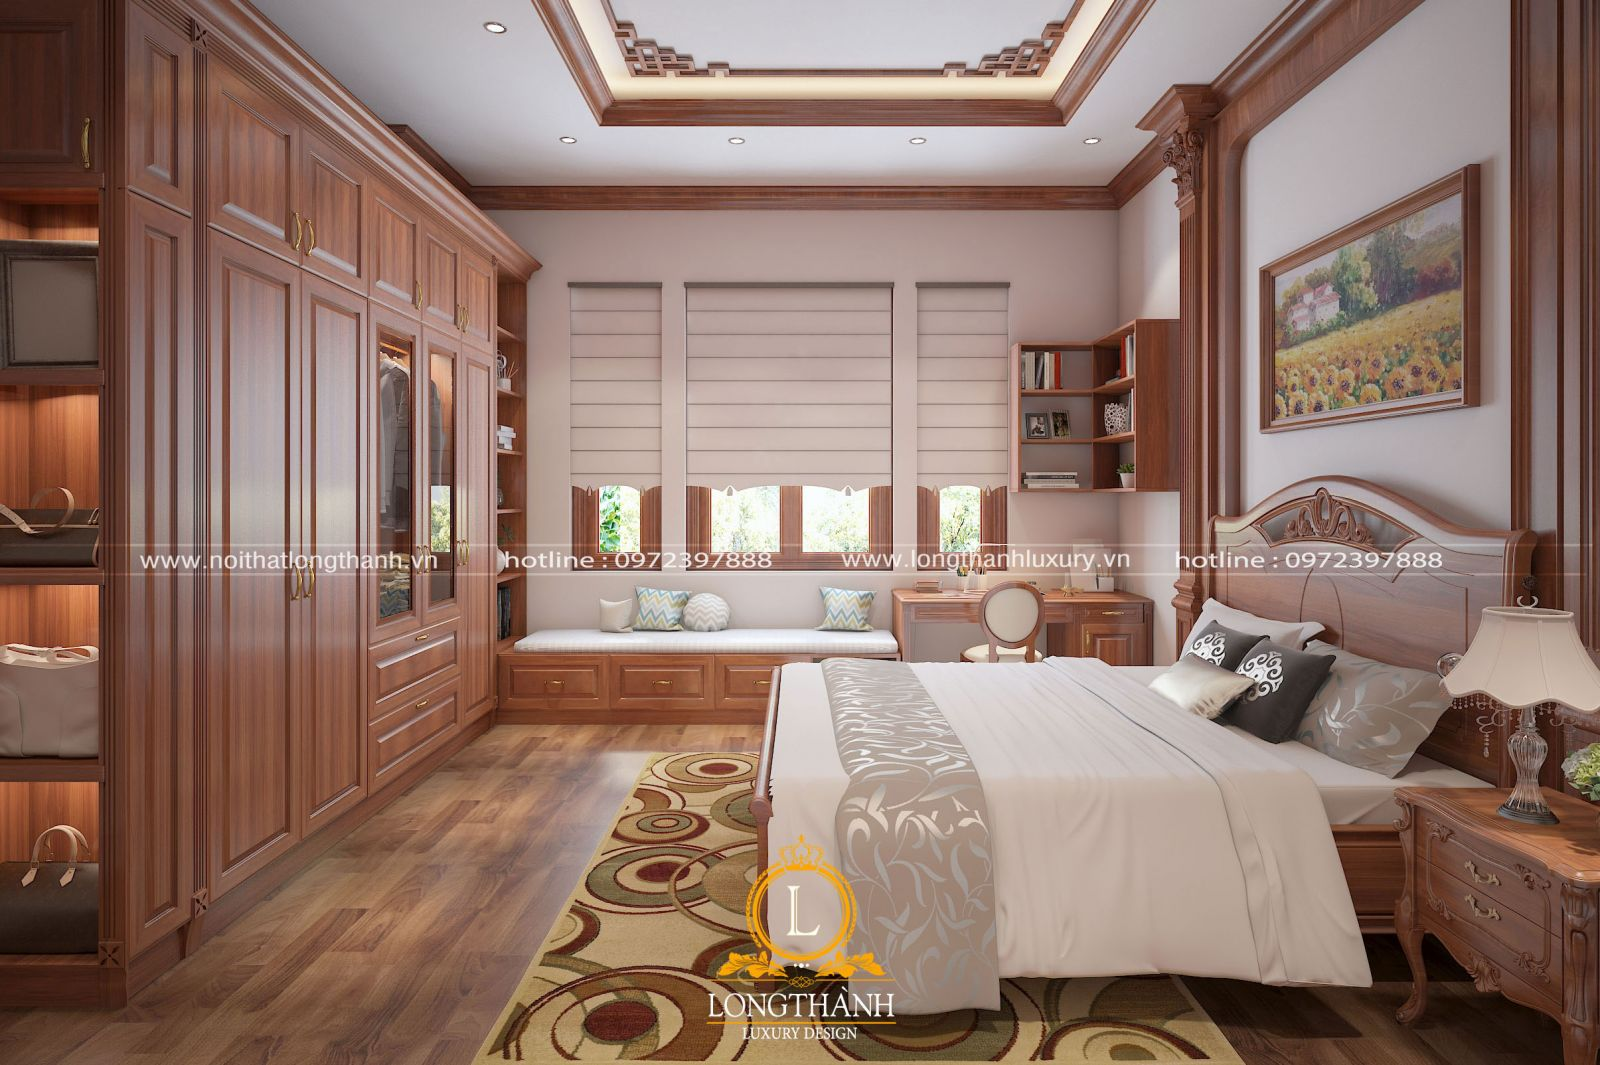 Phòng ngủ cao cấp với bộ giường ngủ ấn tượng